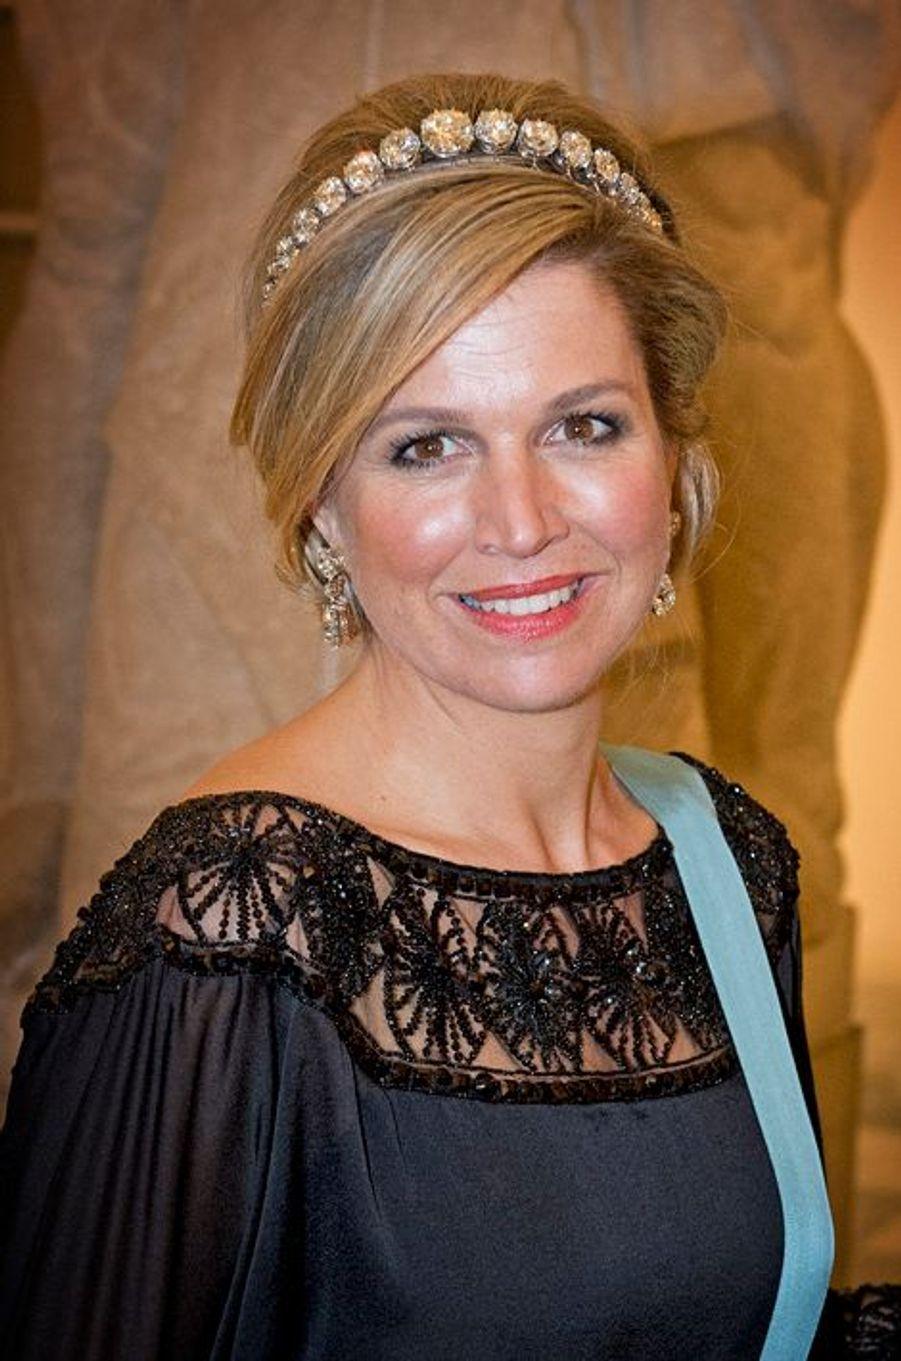 La reine Maxima des Pays-Bas à Copenhague, le 15 avril 2015